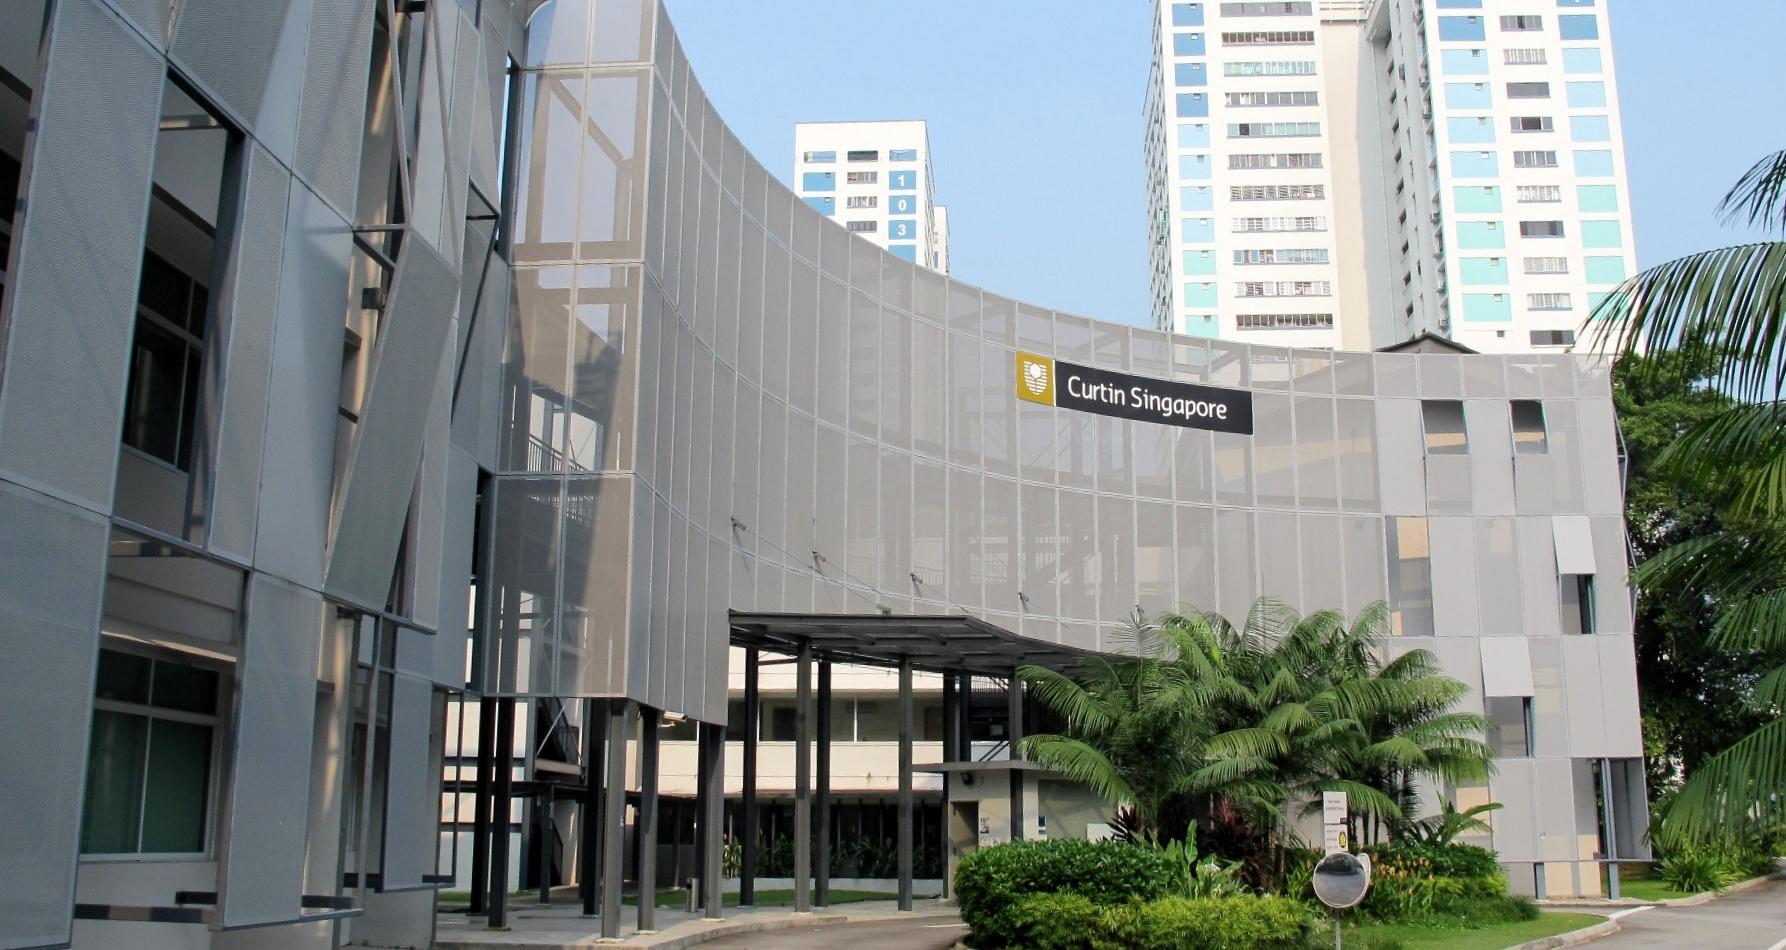 curtin_singapore_facade